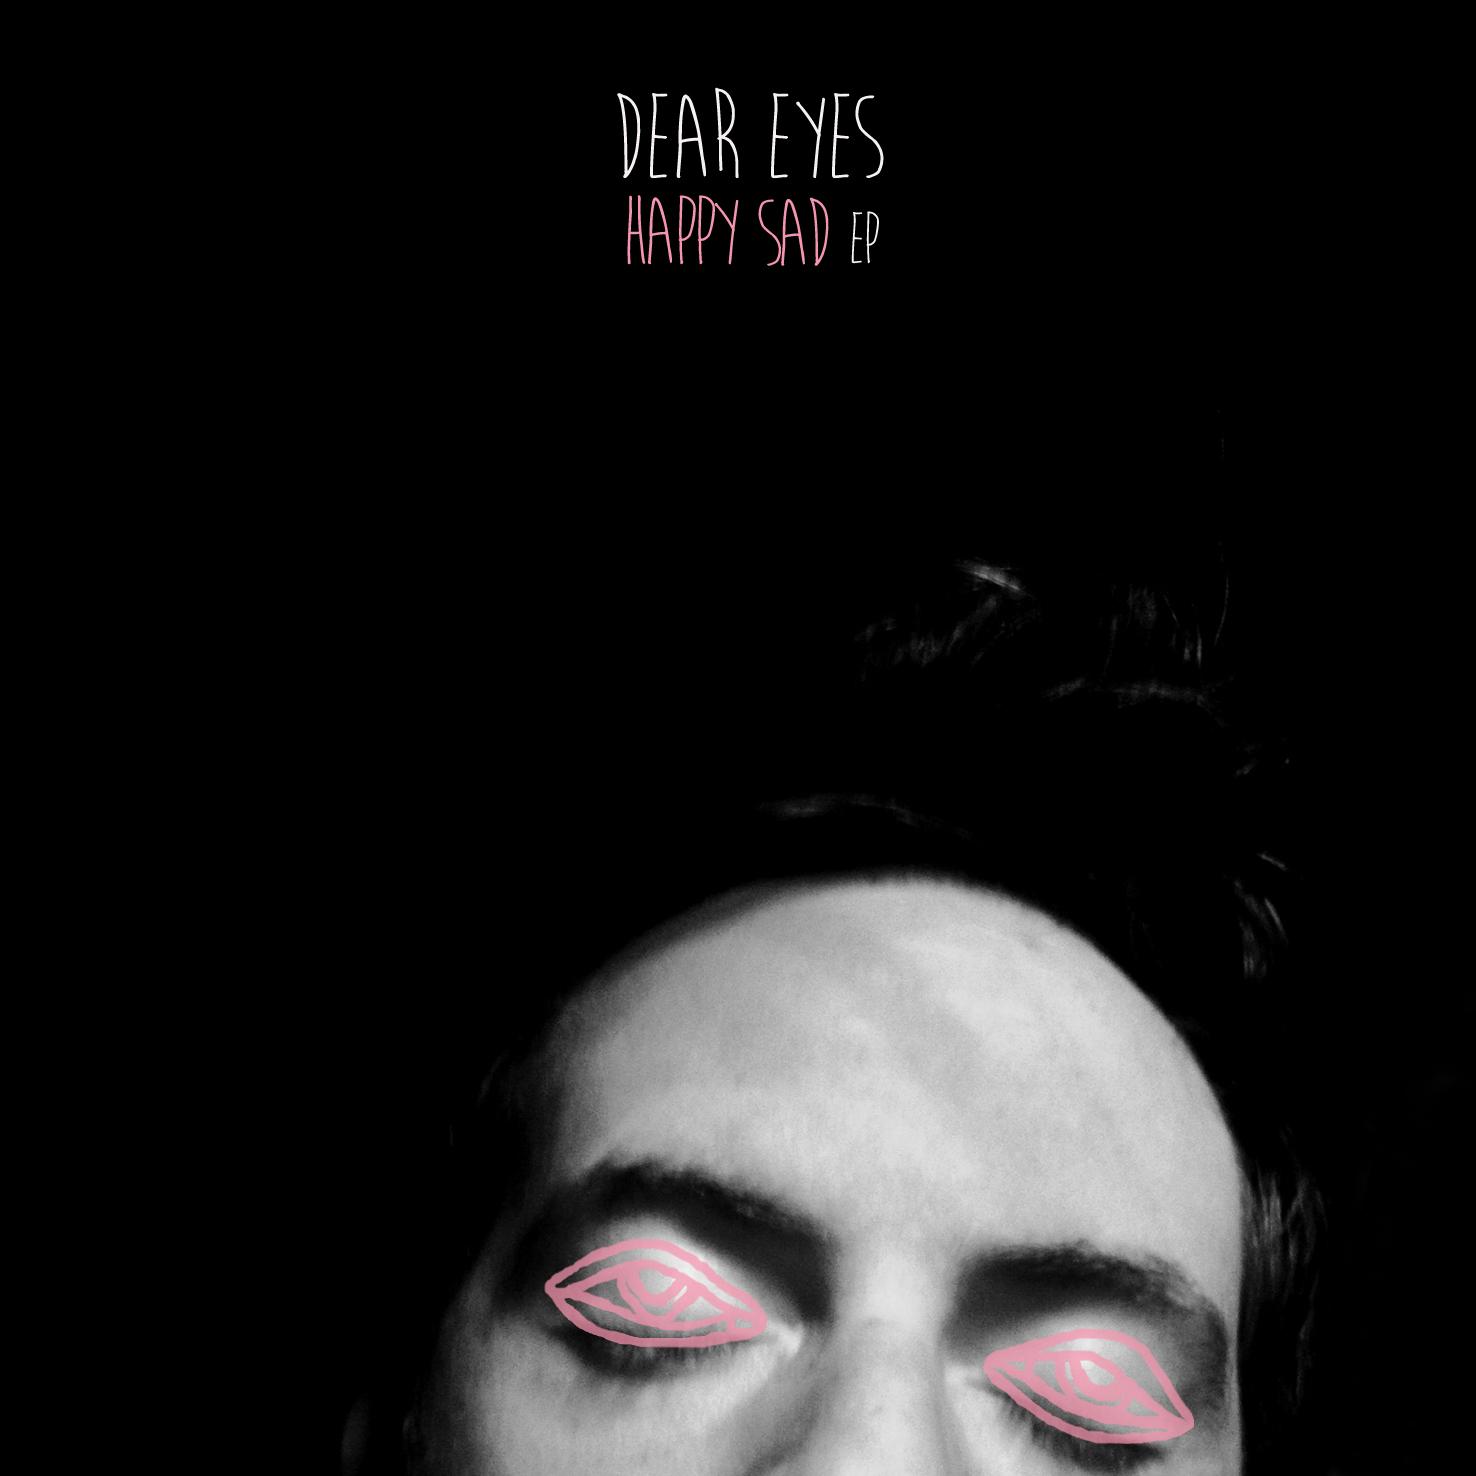 https://static.blog4ever.com/2012/10/715728/DEAR-EYES-COVER-ART-pink-EYES.jpg